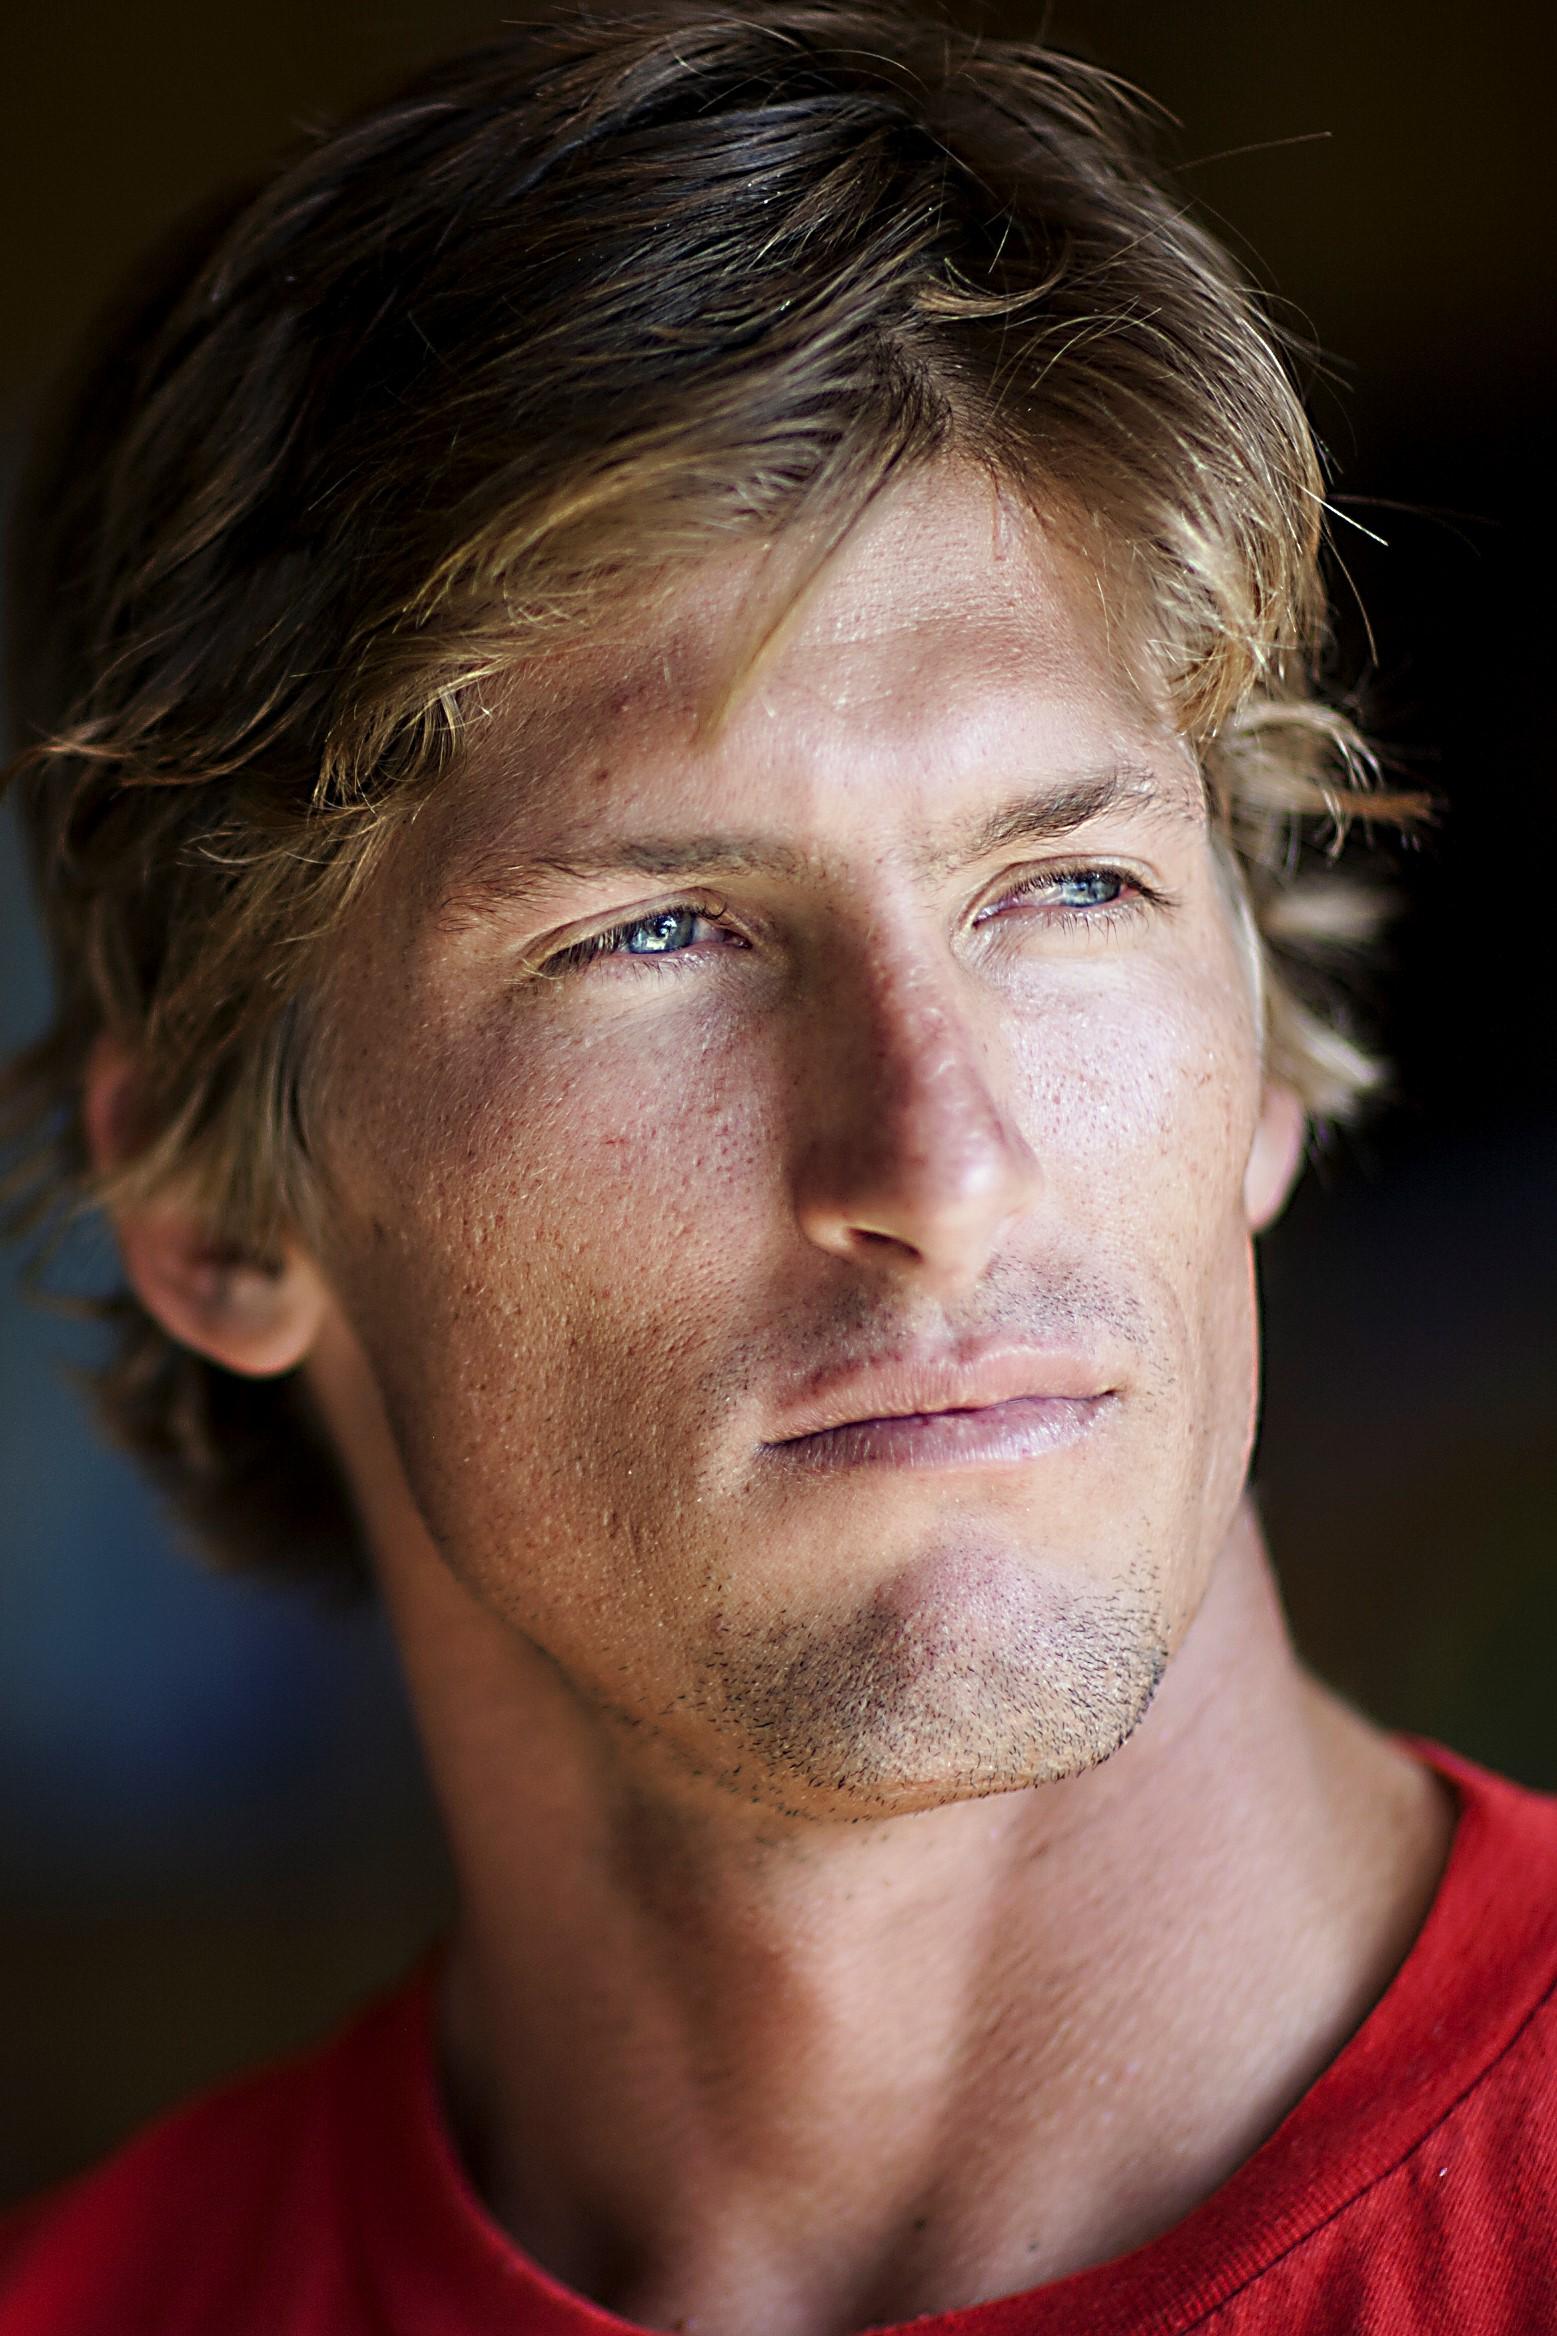 surfer dude portrait oahu headshot photographer